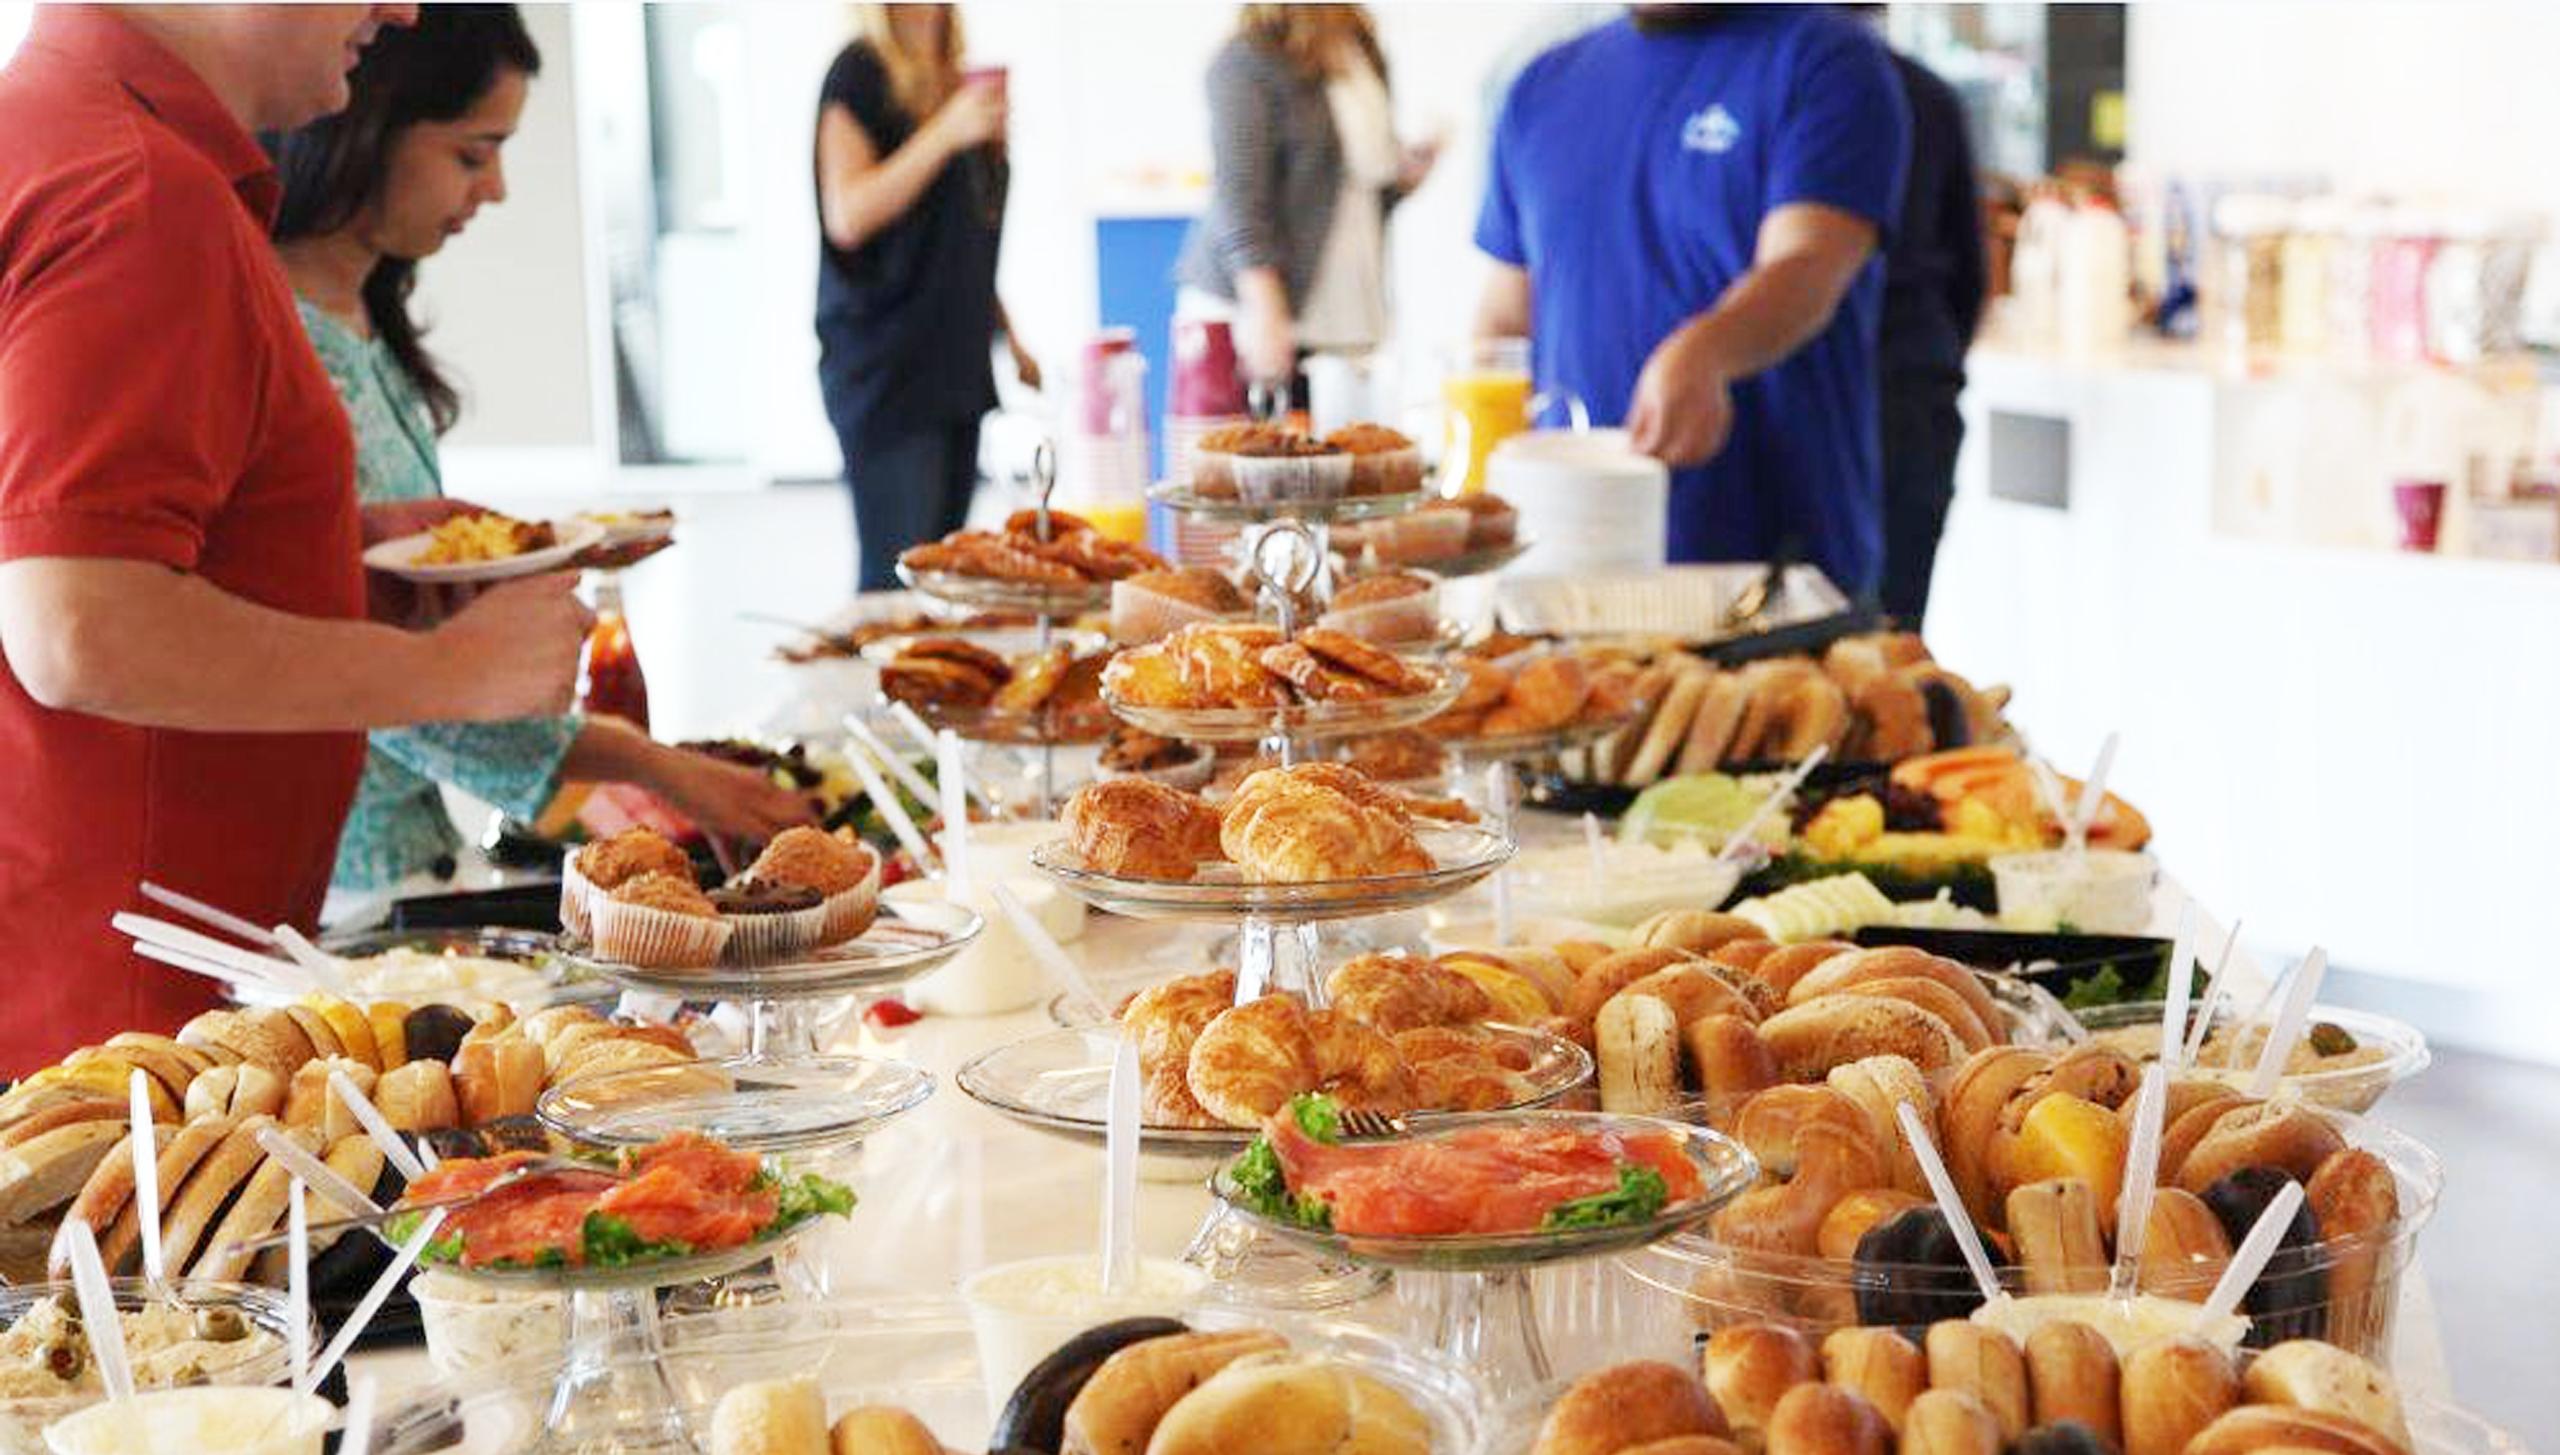 Een tafel met een buffet voor de lunch. Verschillende soorten brood, croissantjes en muffins